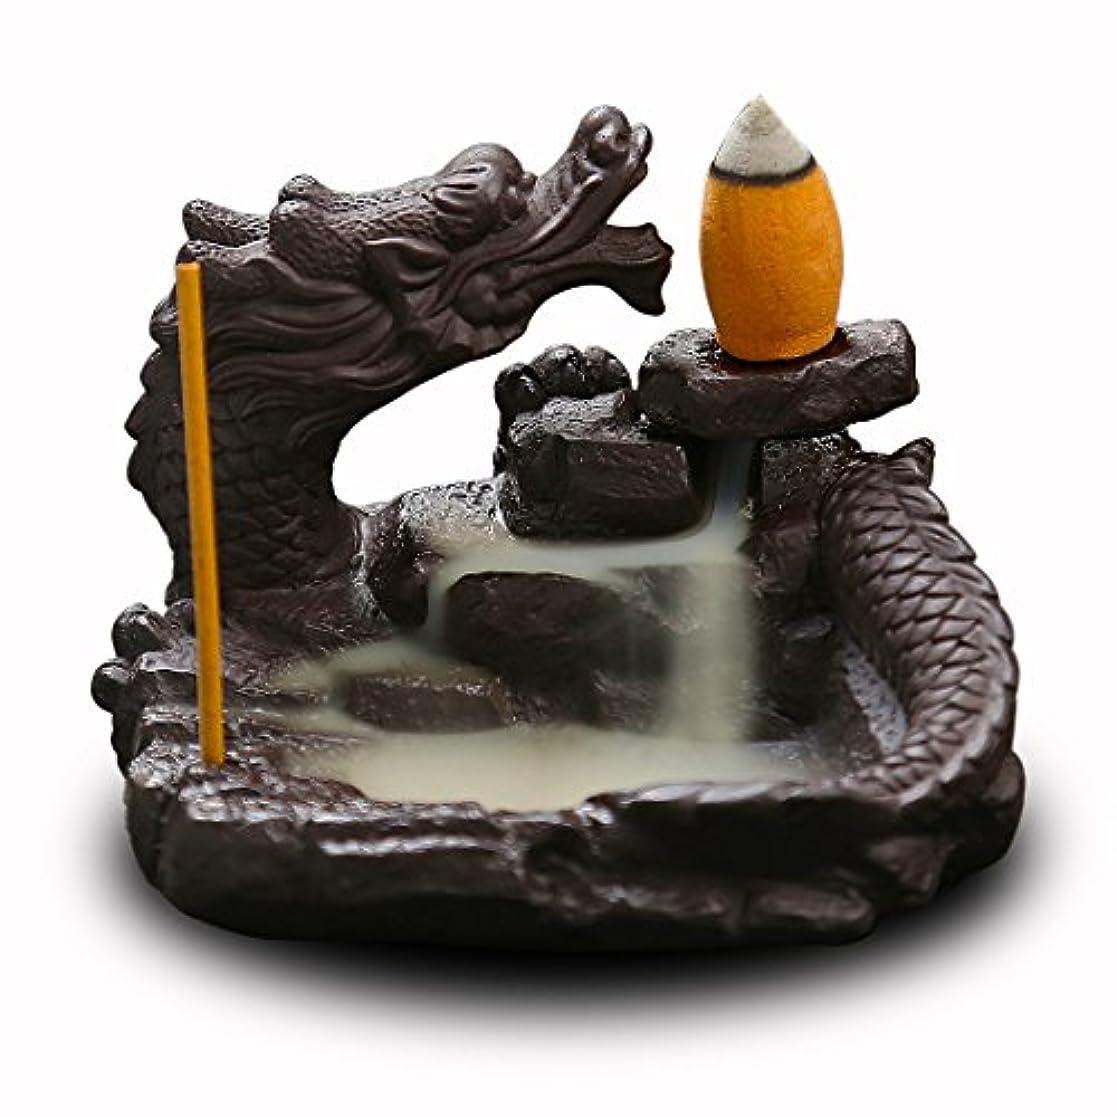 野球る改修する(Style6) - OTOFY Mythical Dragon Backflow Incense Holder Figurine Incense Cone Holder Gothic Home Decor